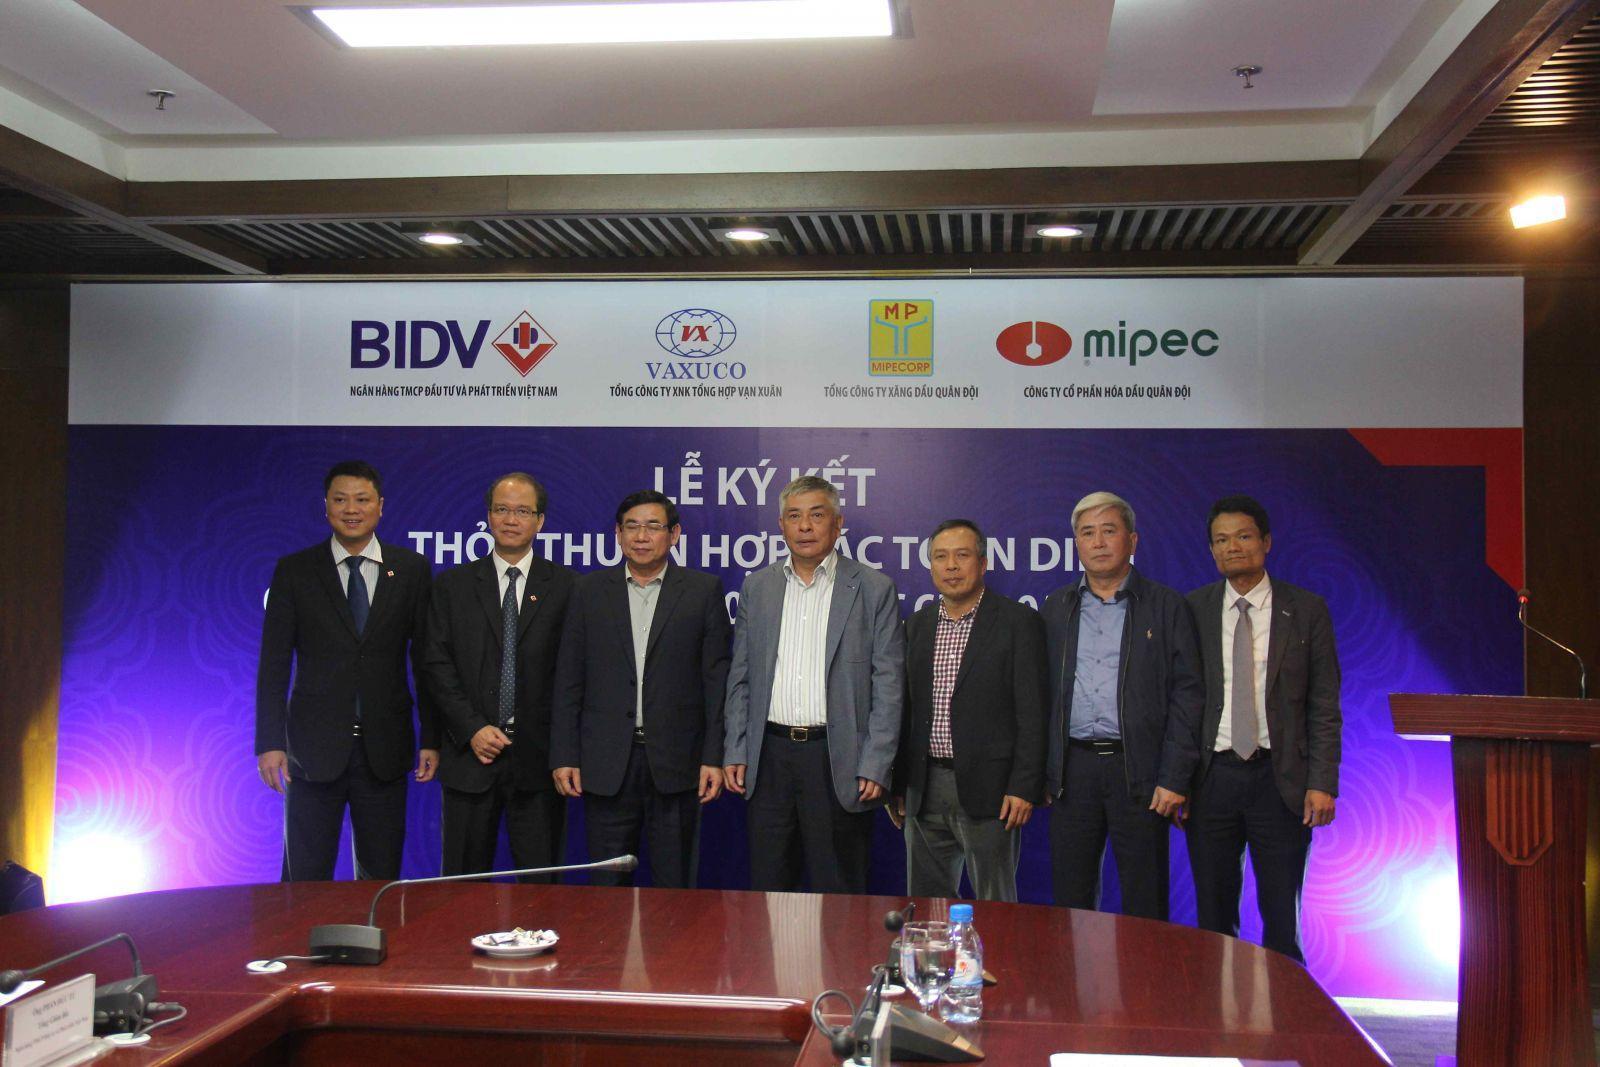 Lễ ký kết thỏa thuận hợp tác toàn diện giữa Mipec, Vaxuco, Mipecorp và BIDV